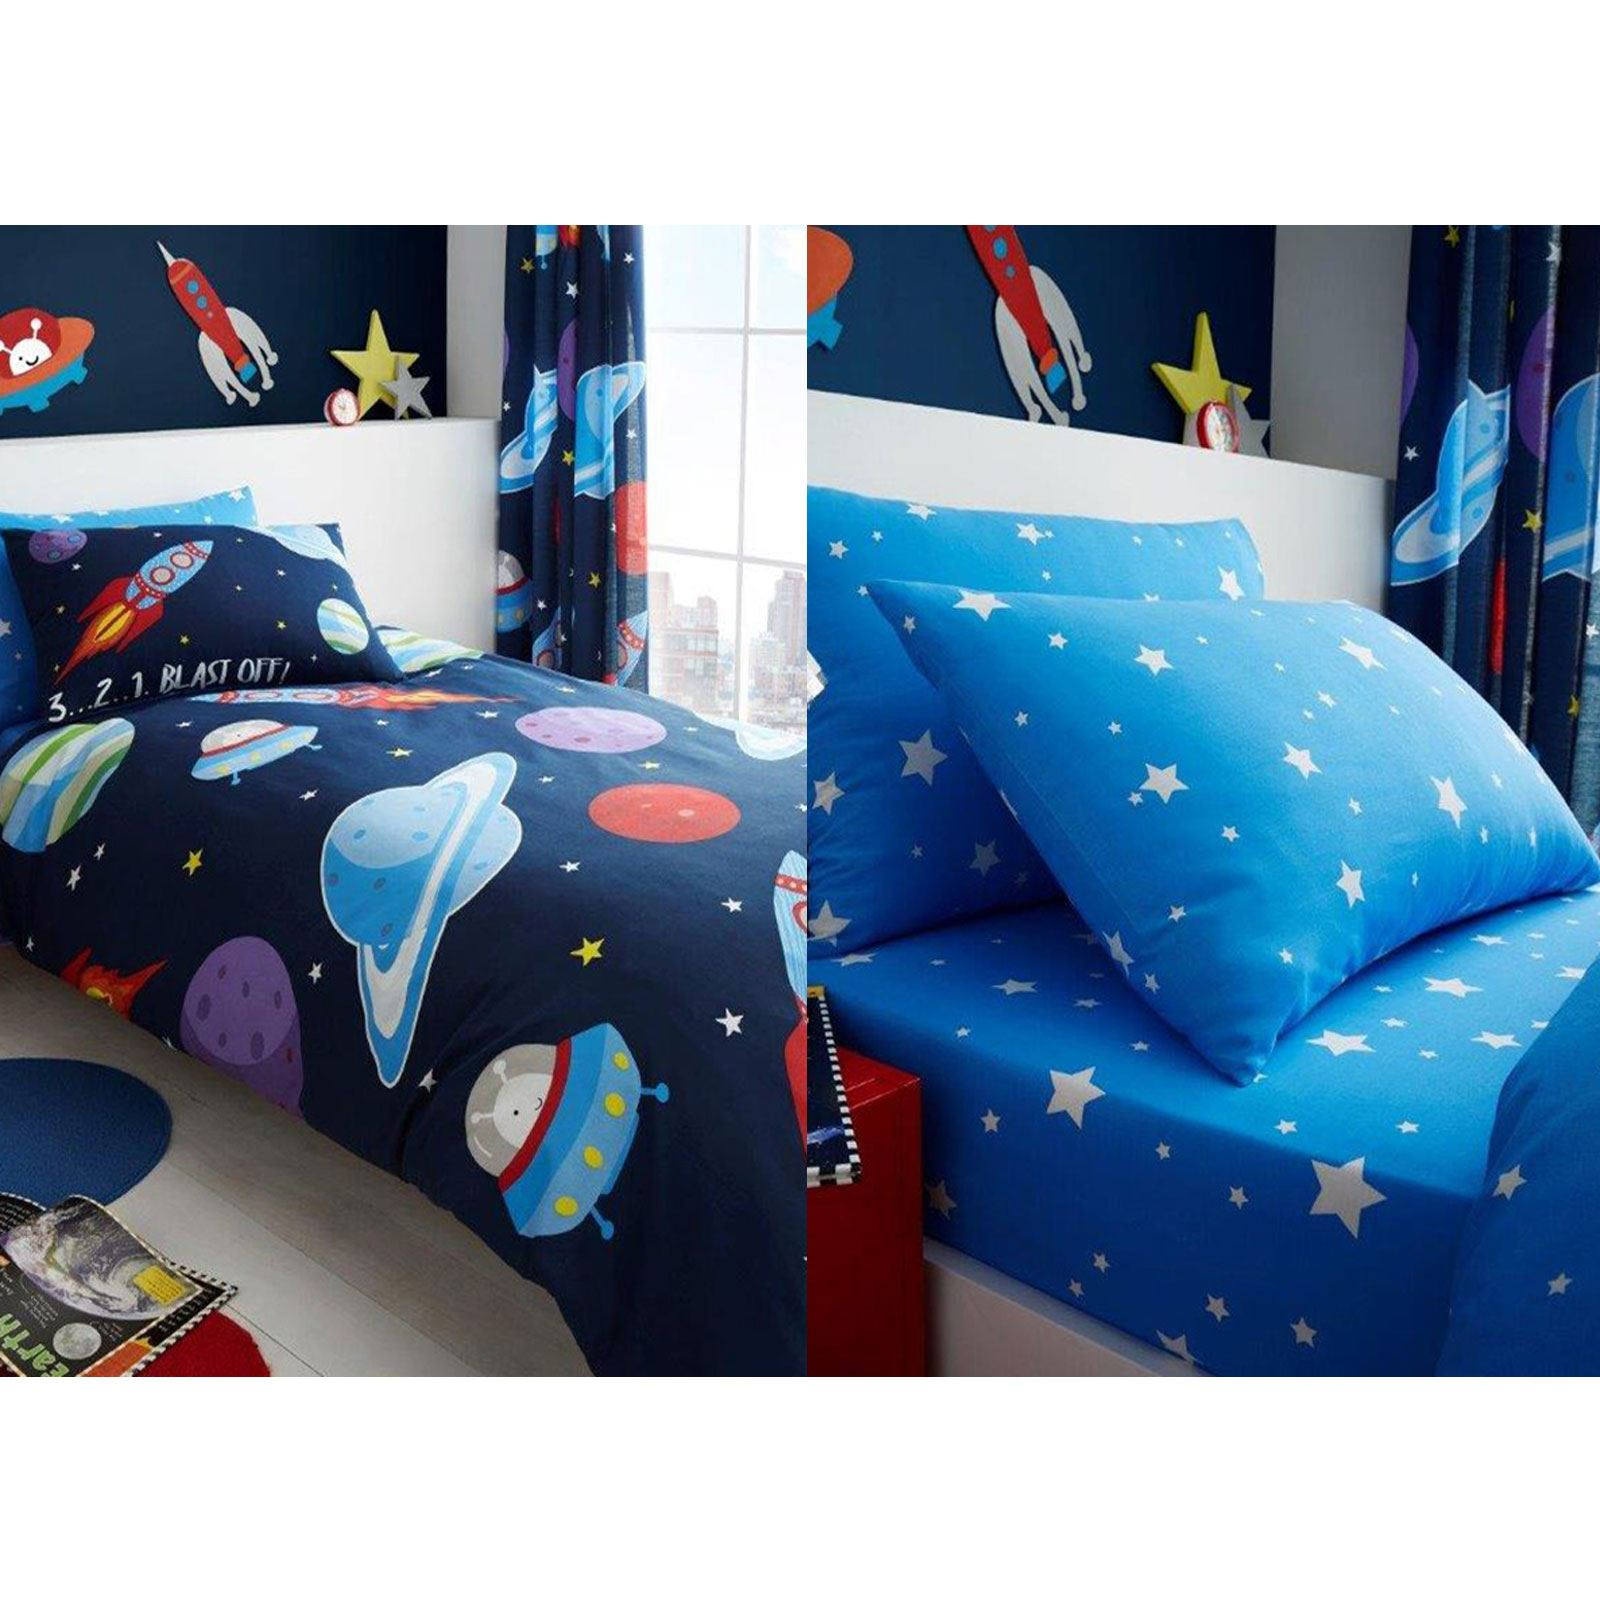 Esterno spazio stelle biancheria da letto set copripiumino singolo ebay - Biancheria da letto amazon ...